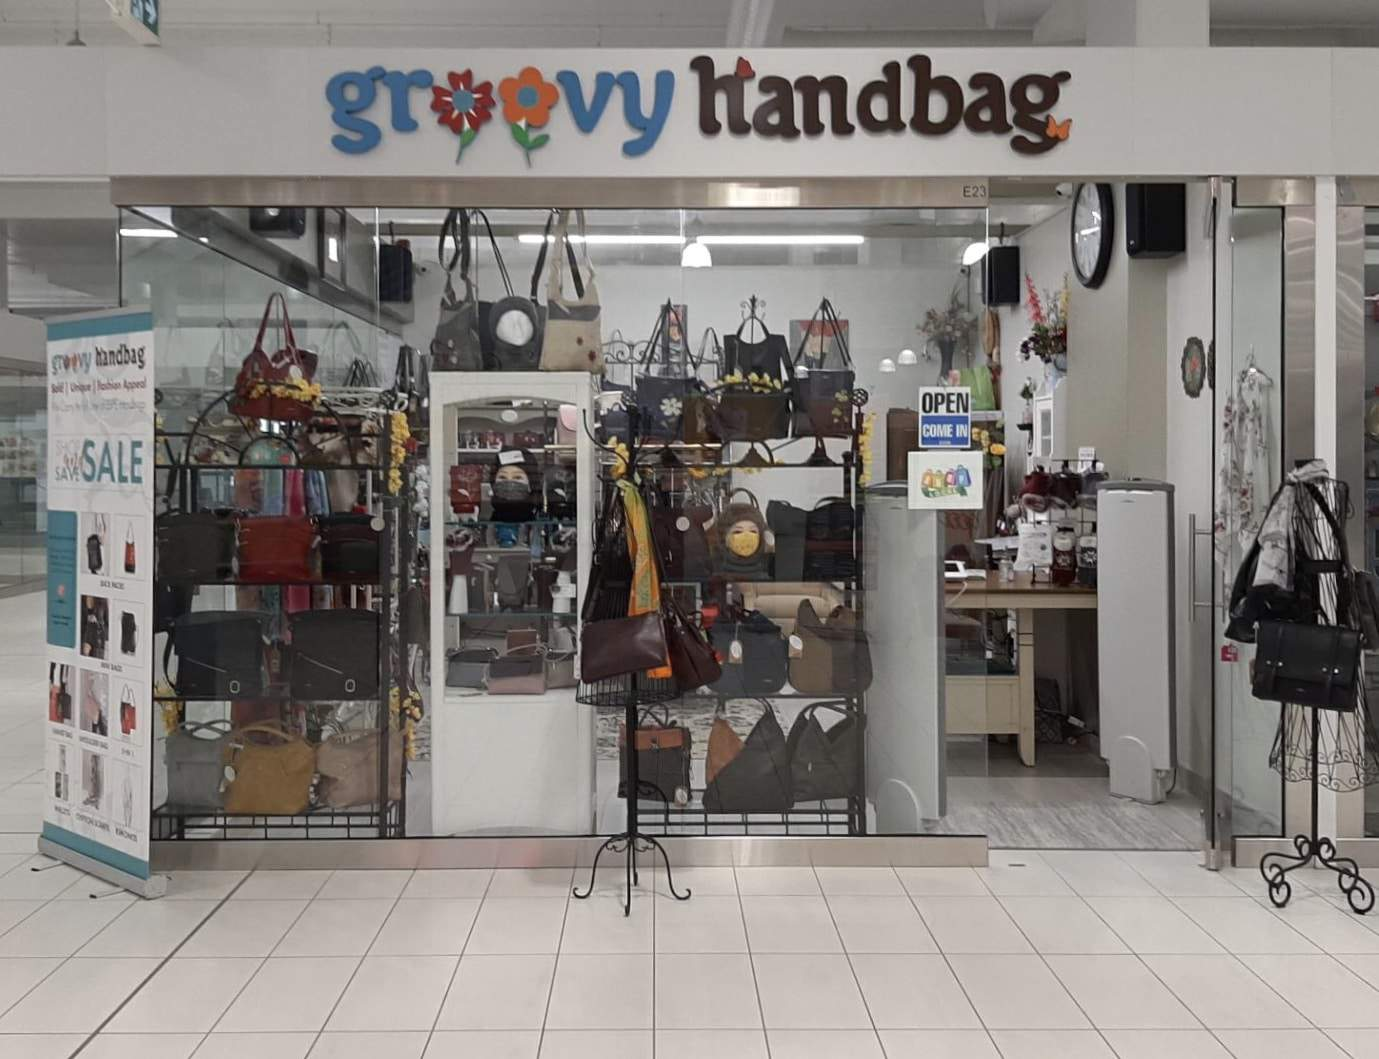 Groovy handbag